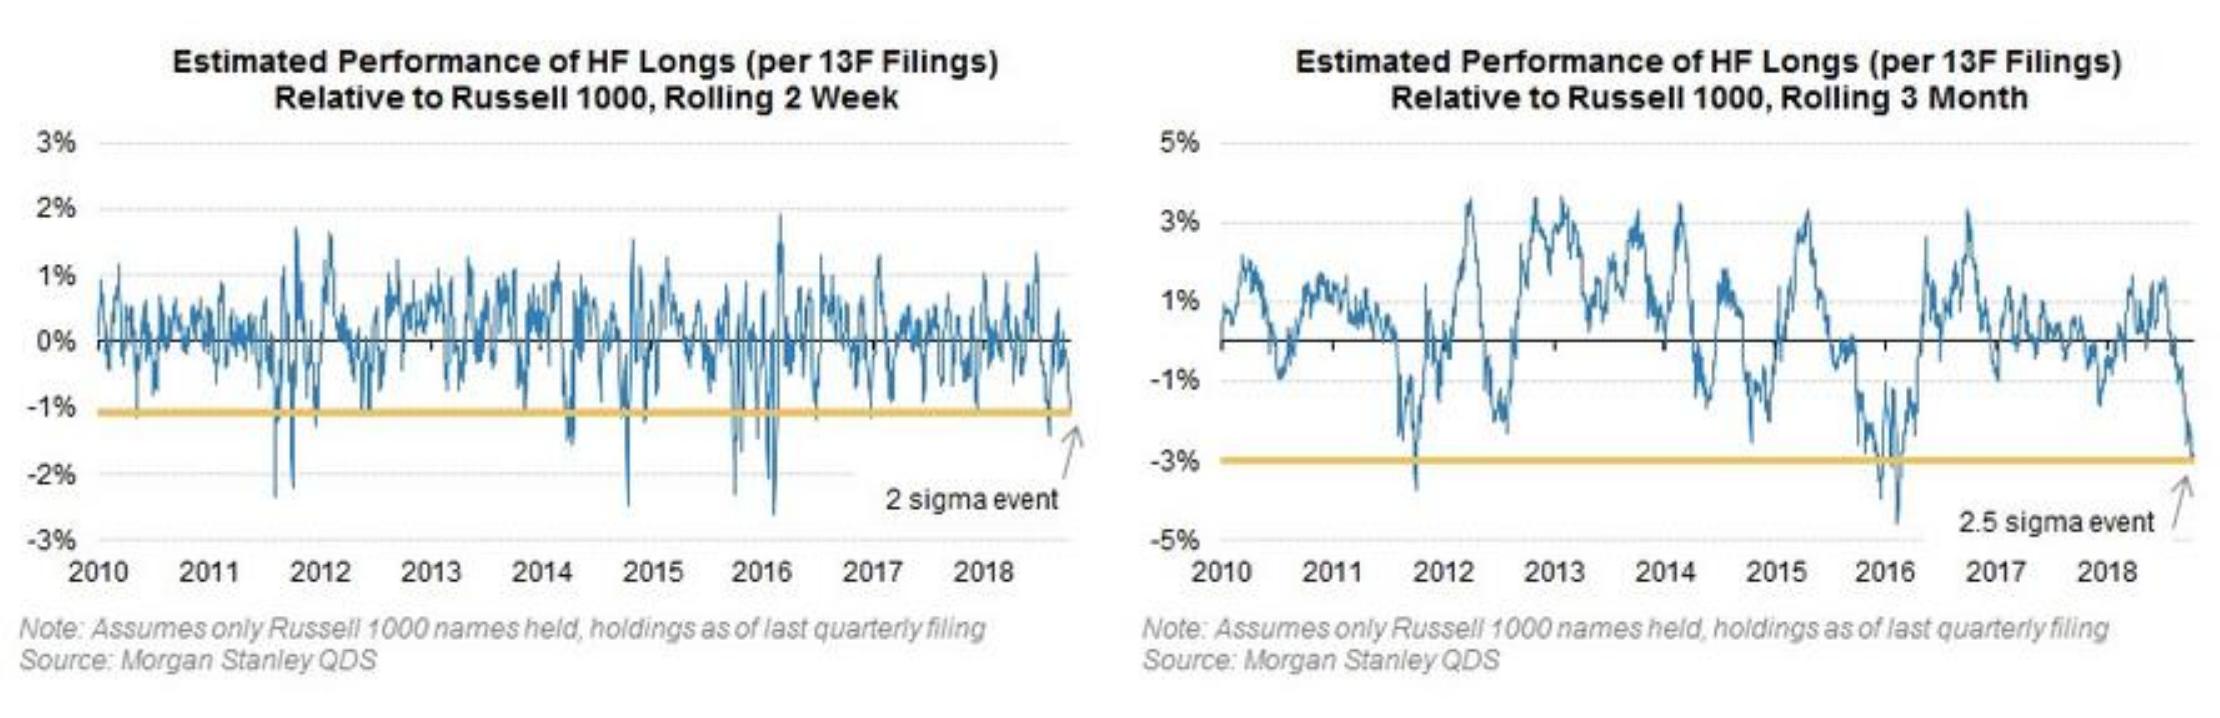 Metli指出,目前看来,风险是轮动式的,标普500指数横截面收益分散数据与历史平均水平持平。由于某个板块内的多支股票常被集中交易,收益分散尚处于板块水平,意味着风险大部分集中在板块内部。